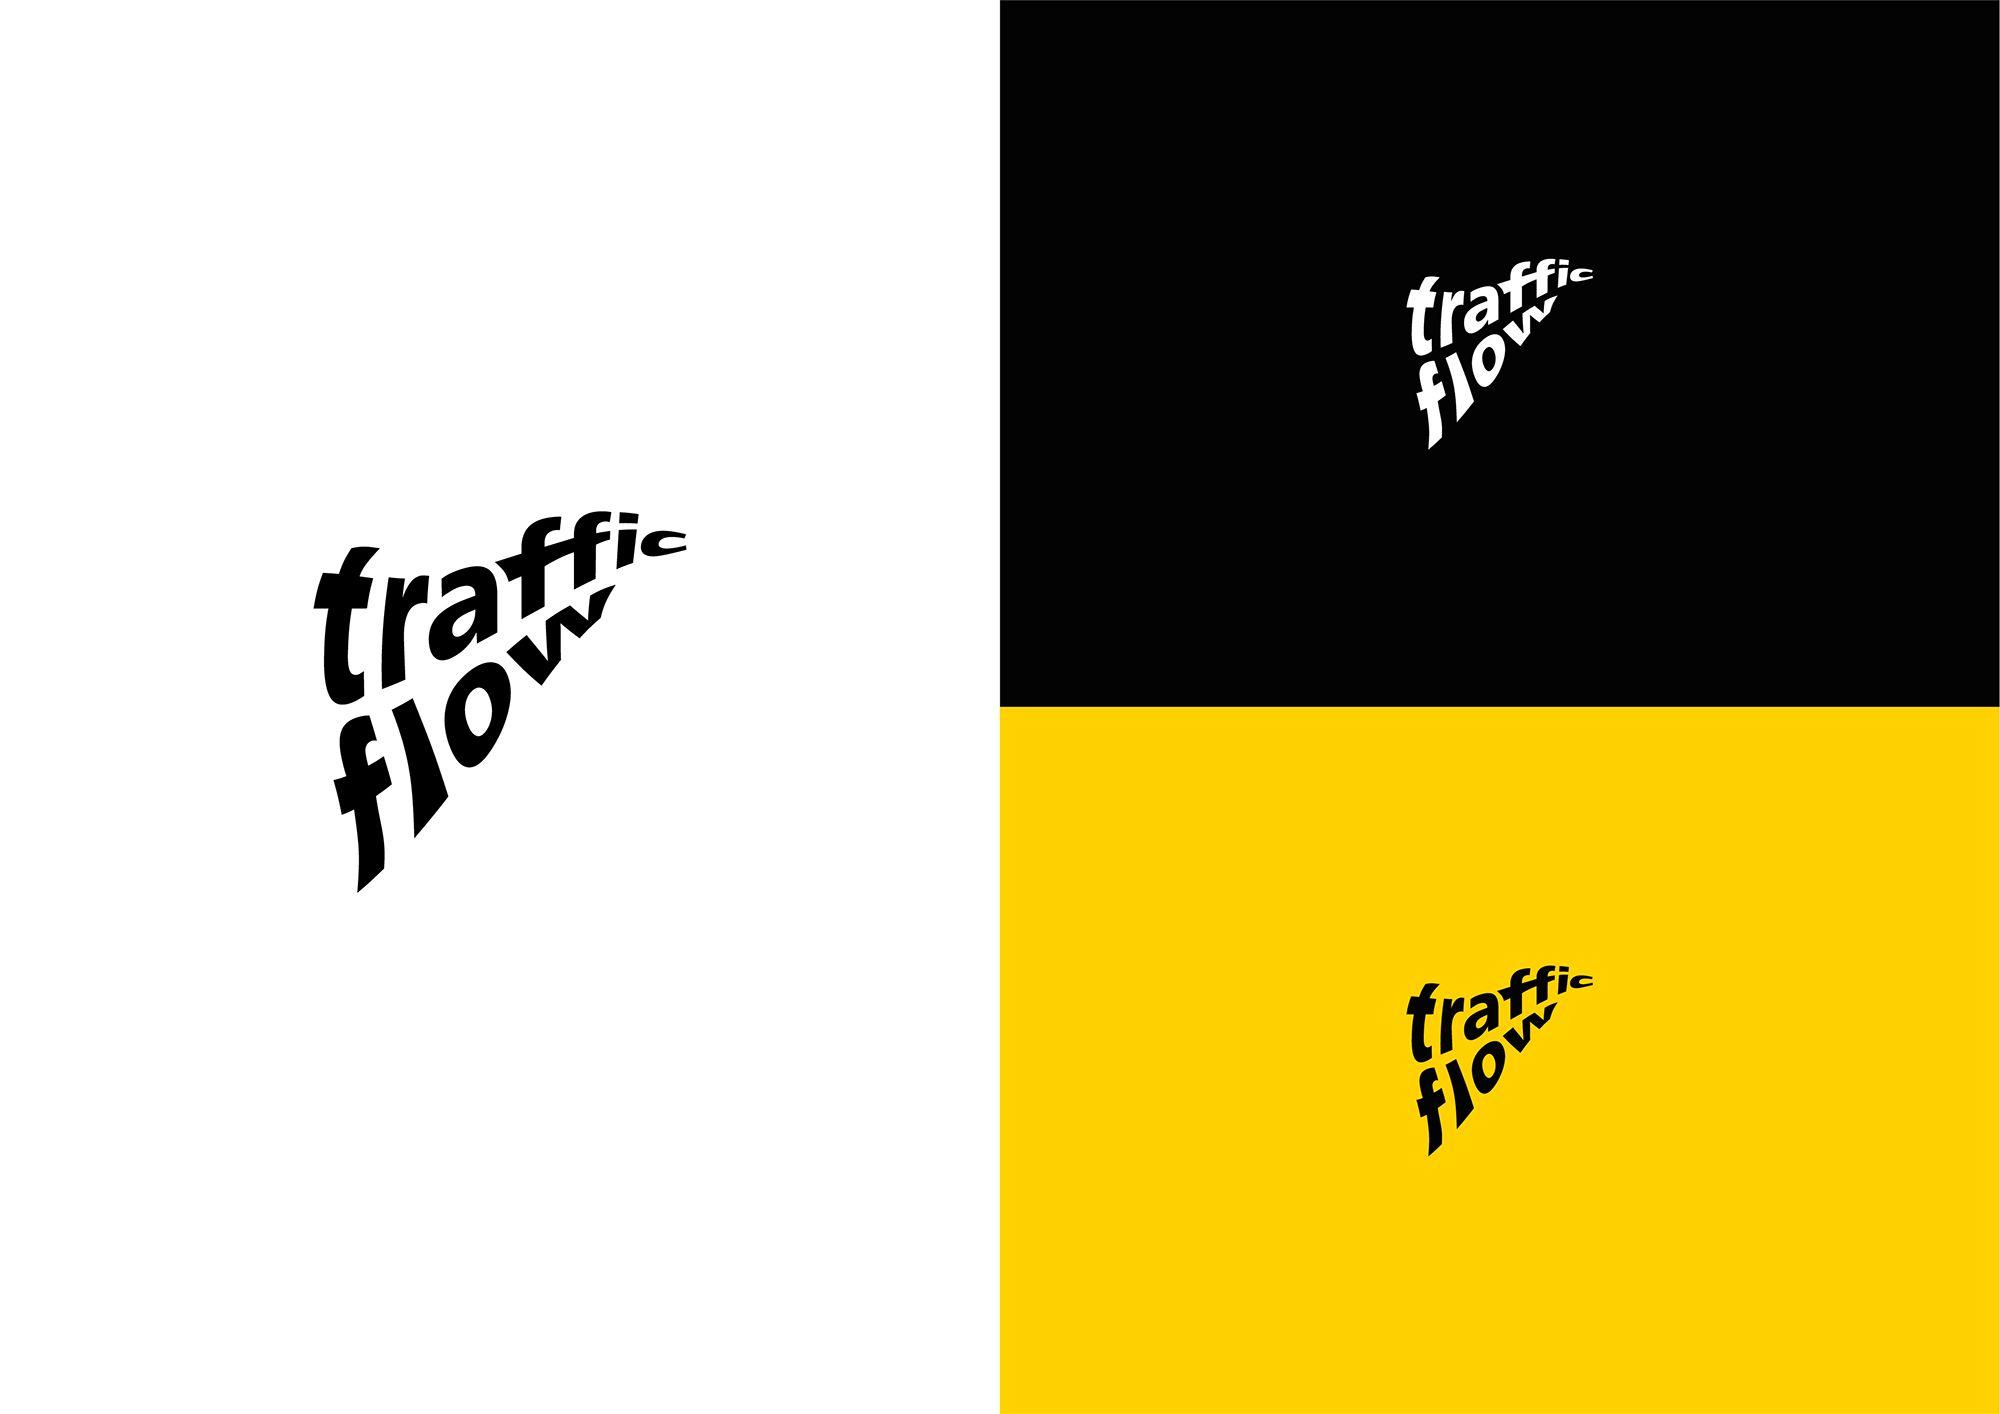 Лого и фирменный стиль для Traffic Flow - дизайнер koroche_des